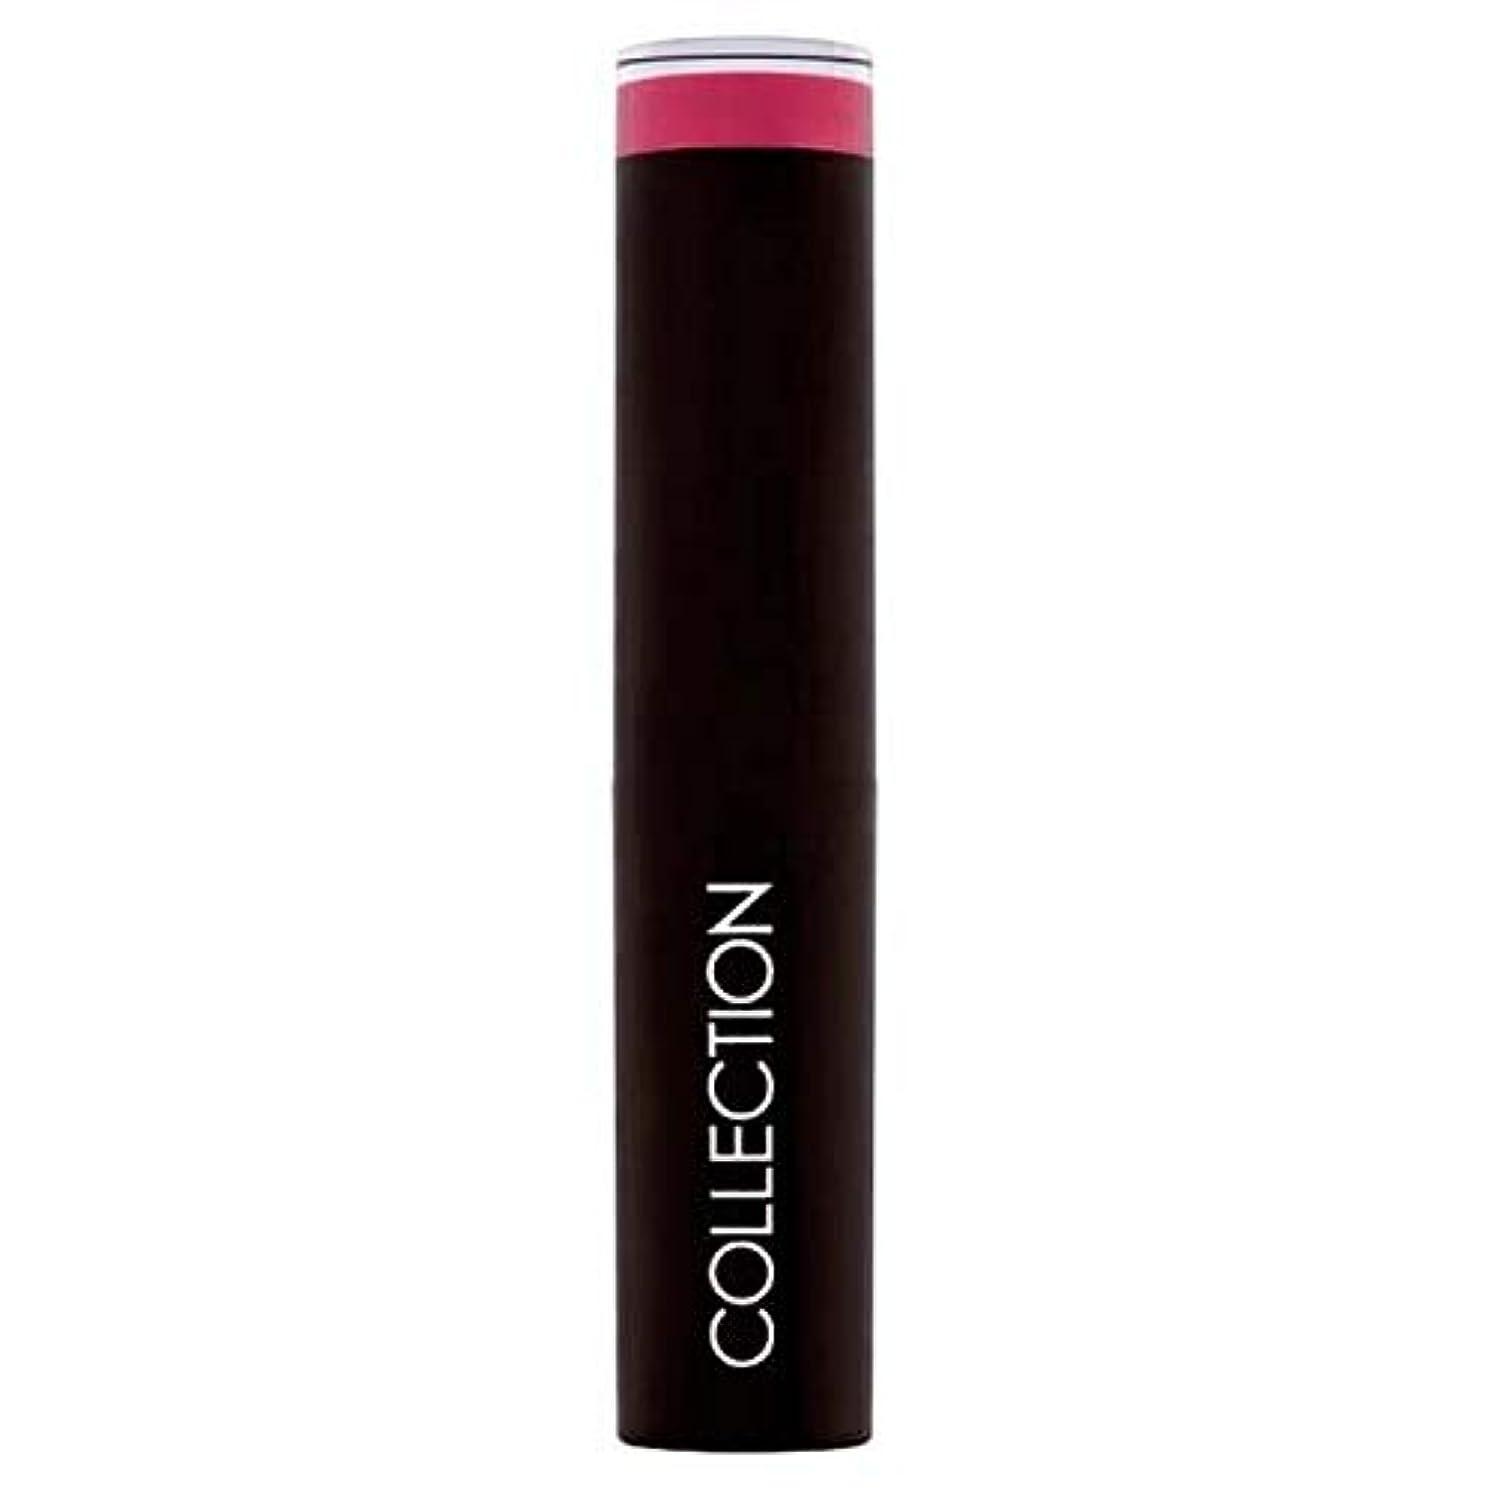 さわやか職業位置する[Collection ] コレクション強烈な輝きゲル口紅桑バースト4 - Collection Intense Shine Gel Lipstick Mulberry Burst 4 [並行輸入品]